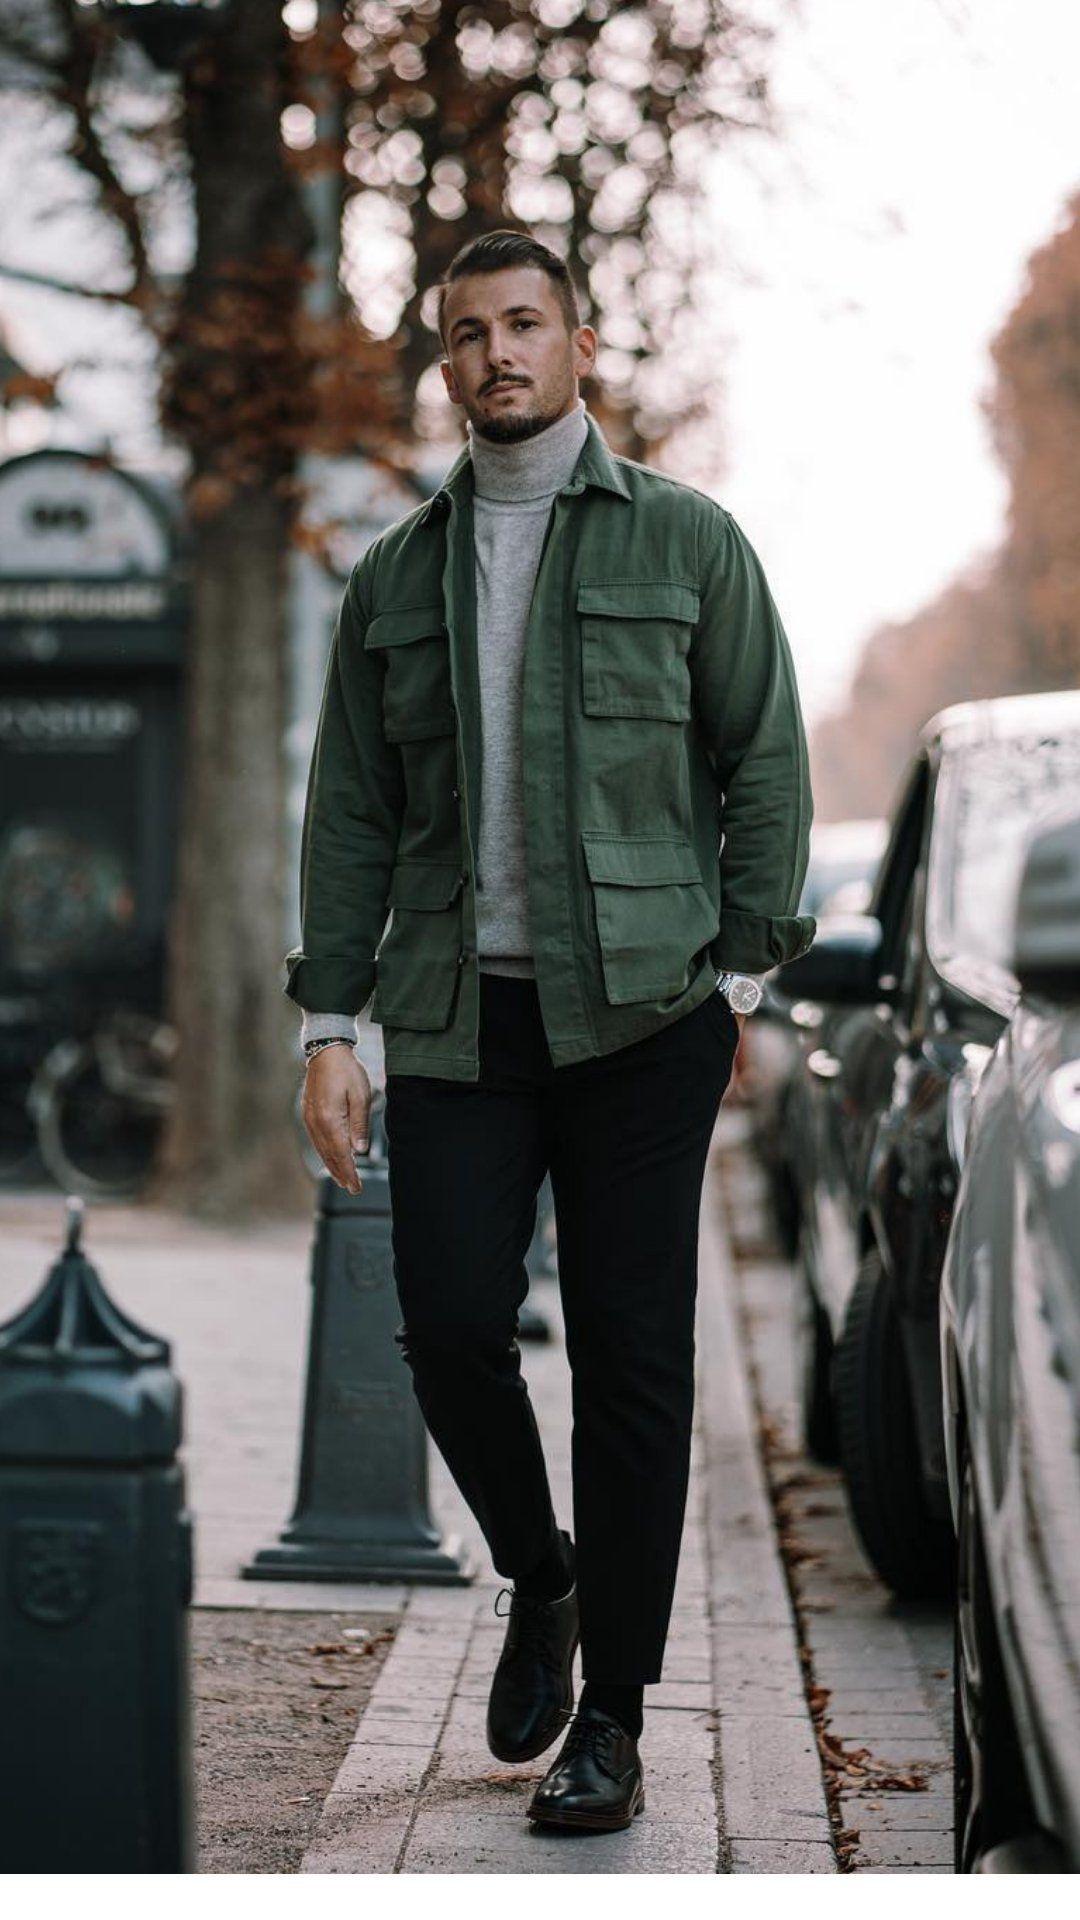 5 tenues d'automne super cool pour vous aider à améliorer votre style d'automne   – F A S H I O N T H E M A N